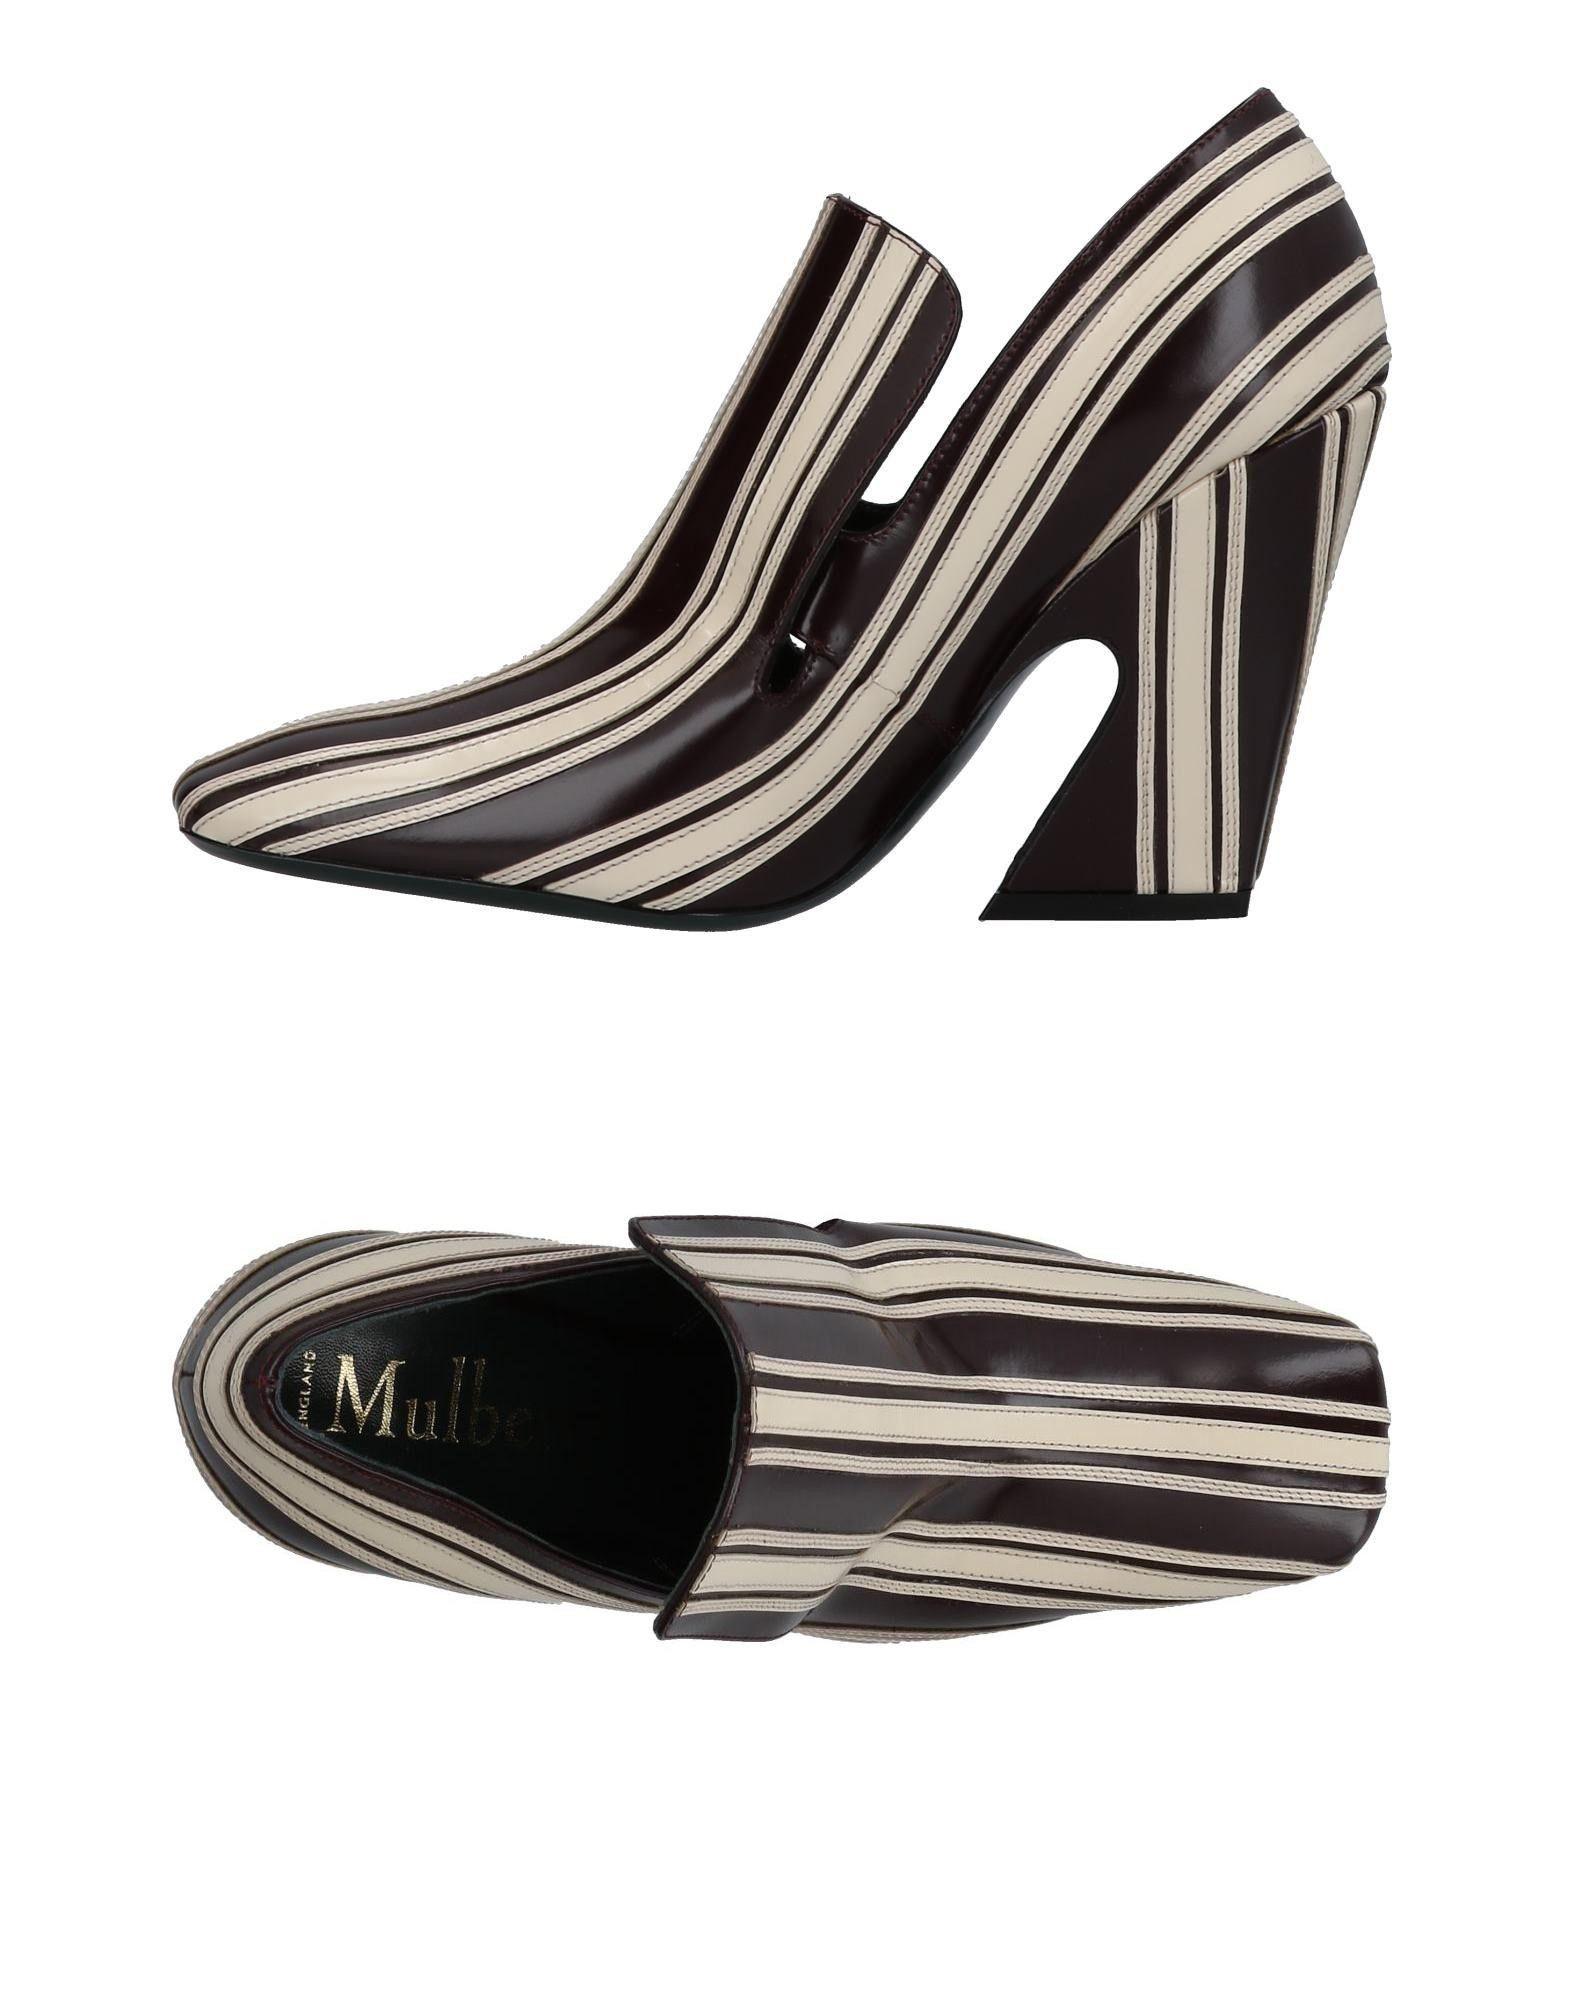 Moda Mocassino Mulberry Donna - 11424571FP